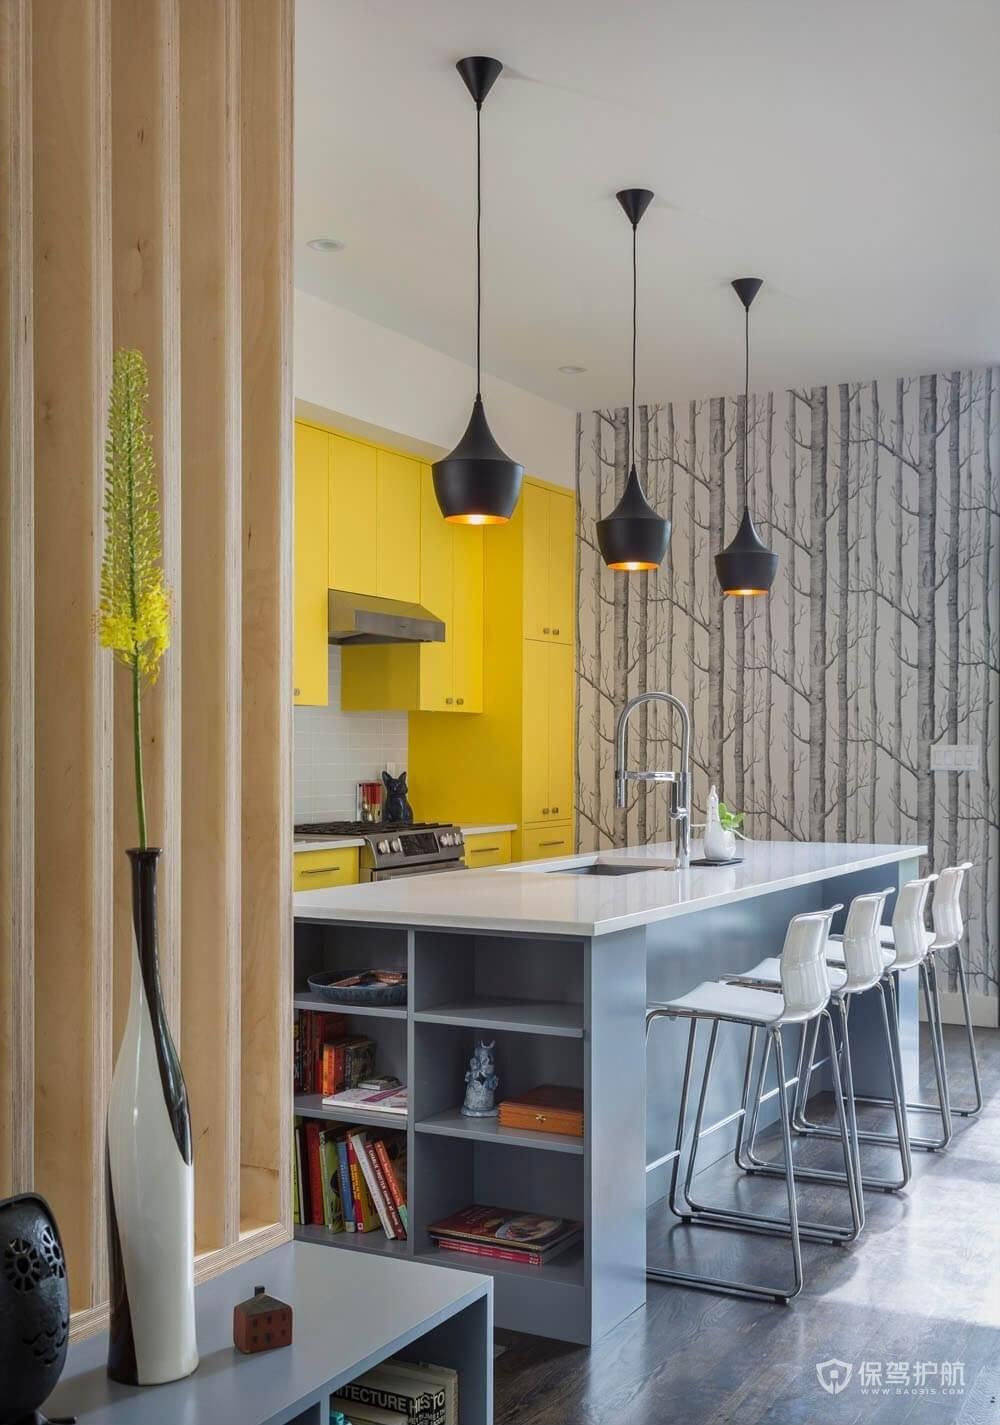 現代北歐風公寓廚房吧臺裝修效果圖